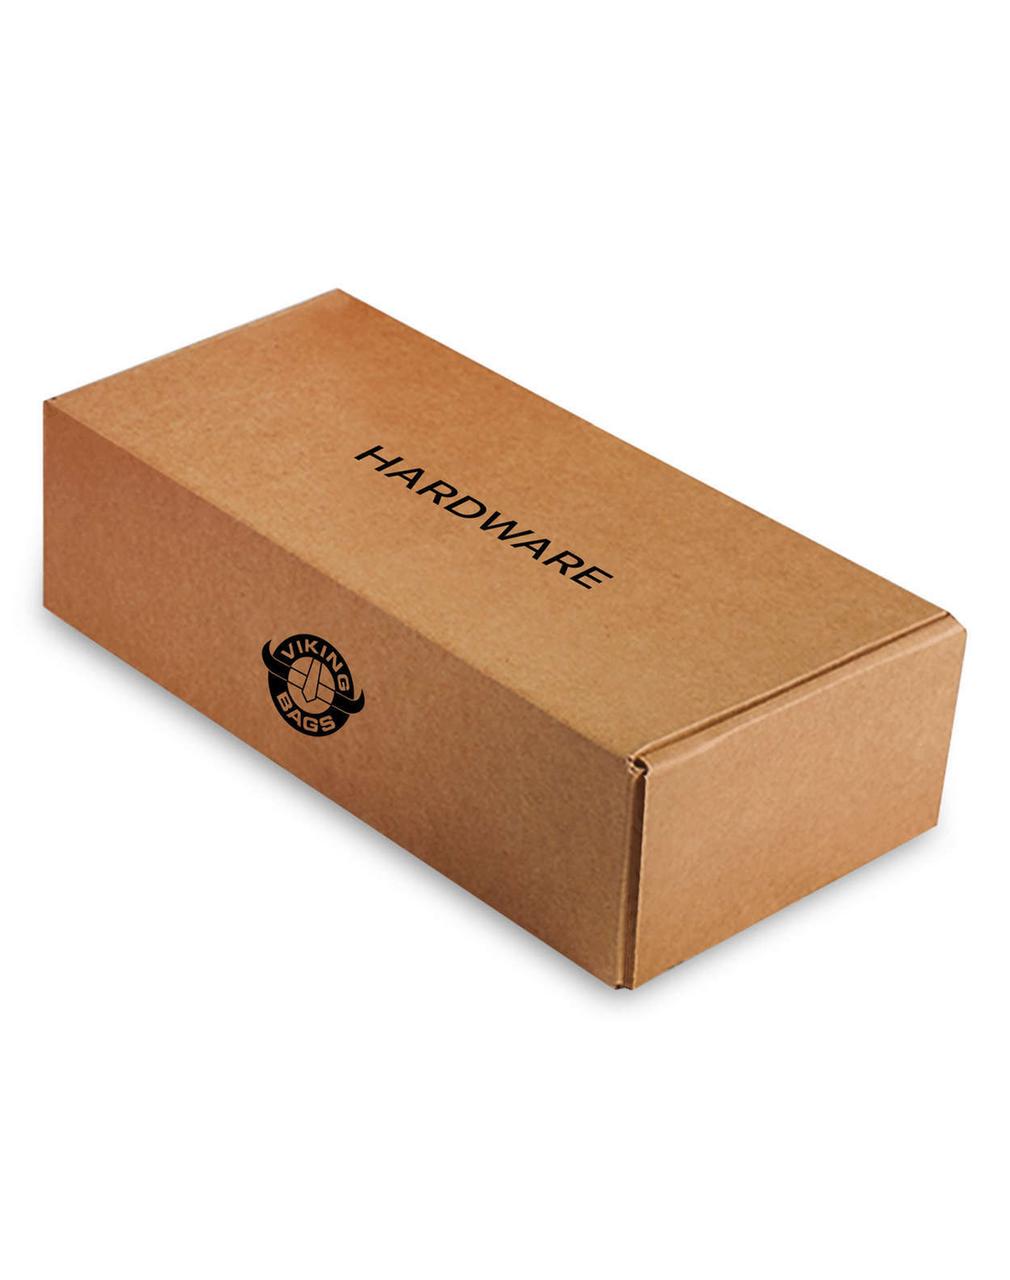 Honda VTX 1300 C Large Warrior Slanted Motorcycle Saddlebags Hardware Box